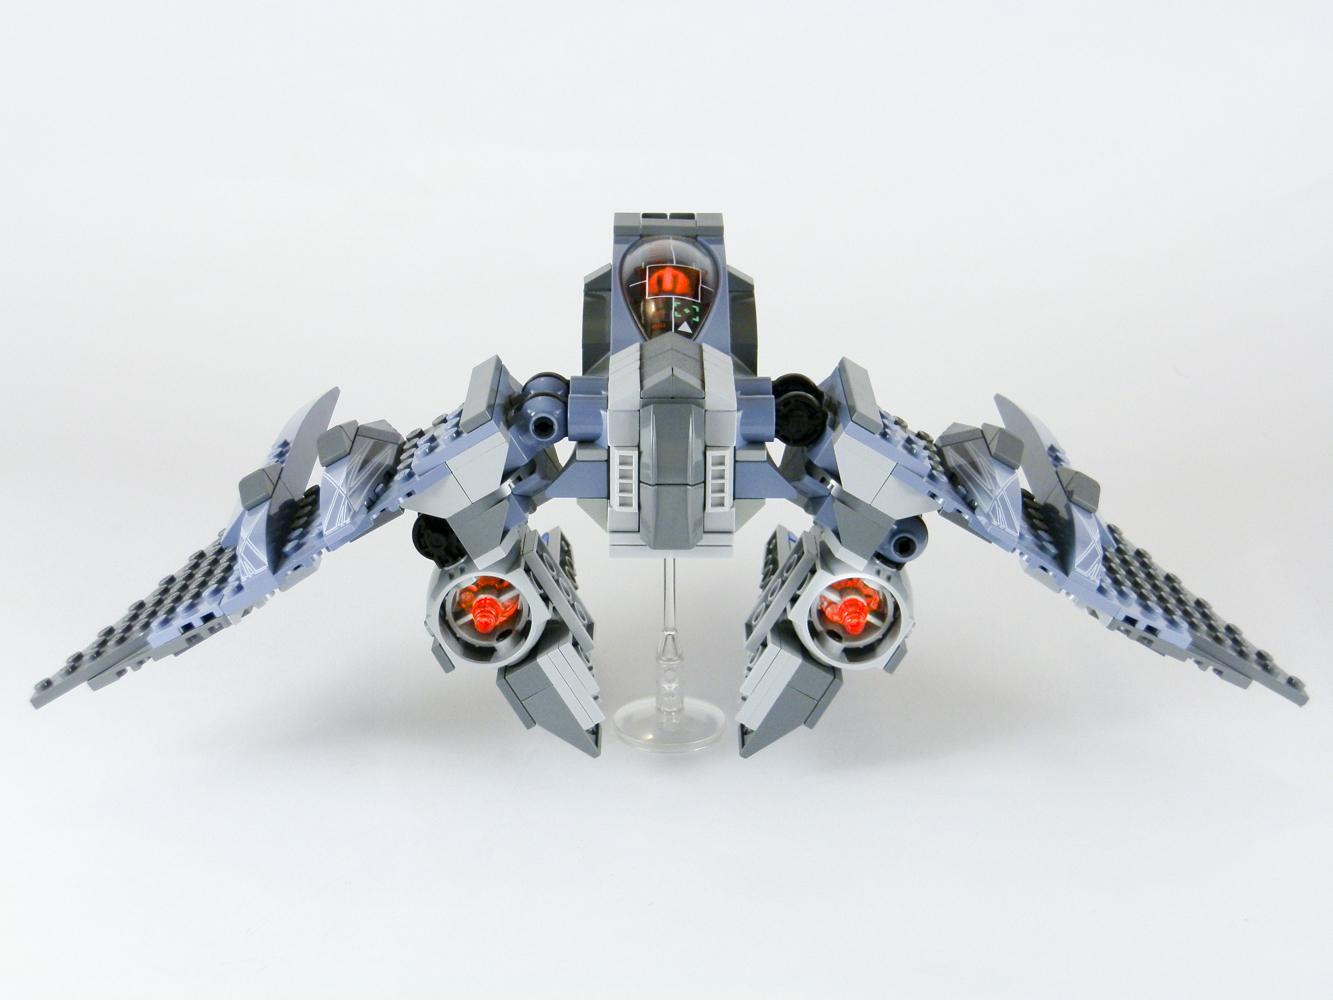 Daniel-Cantu-II-LEGO-Nautilus-17.jpg